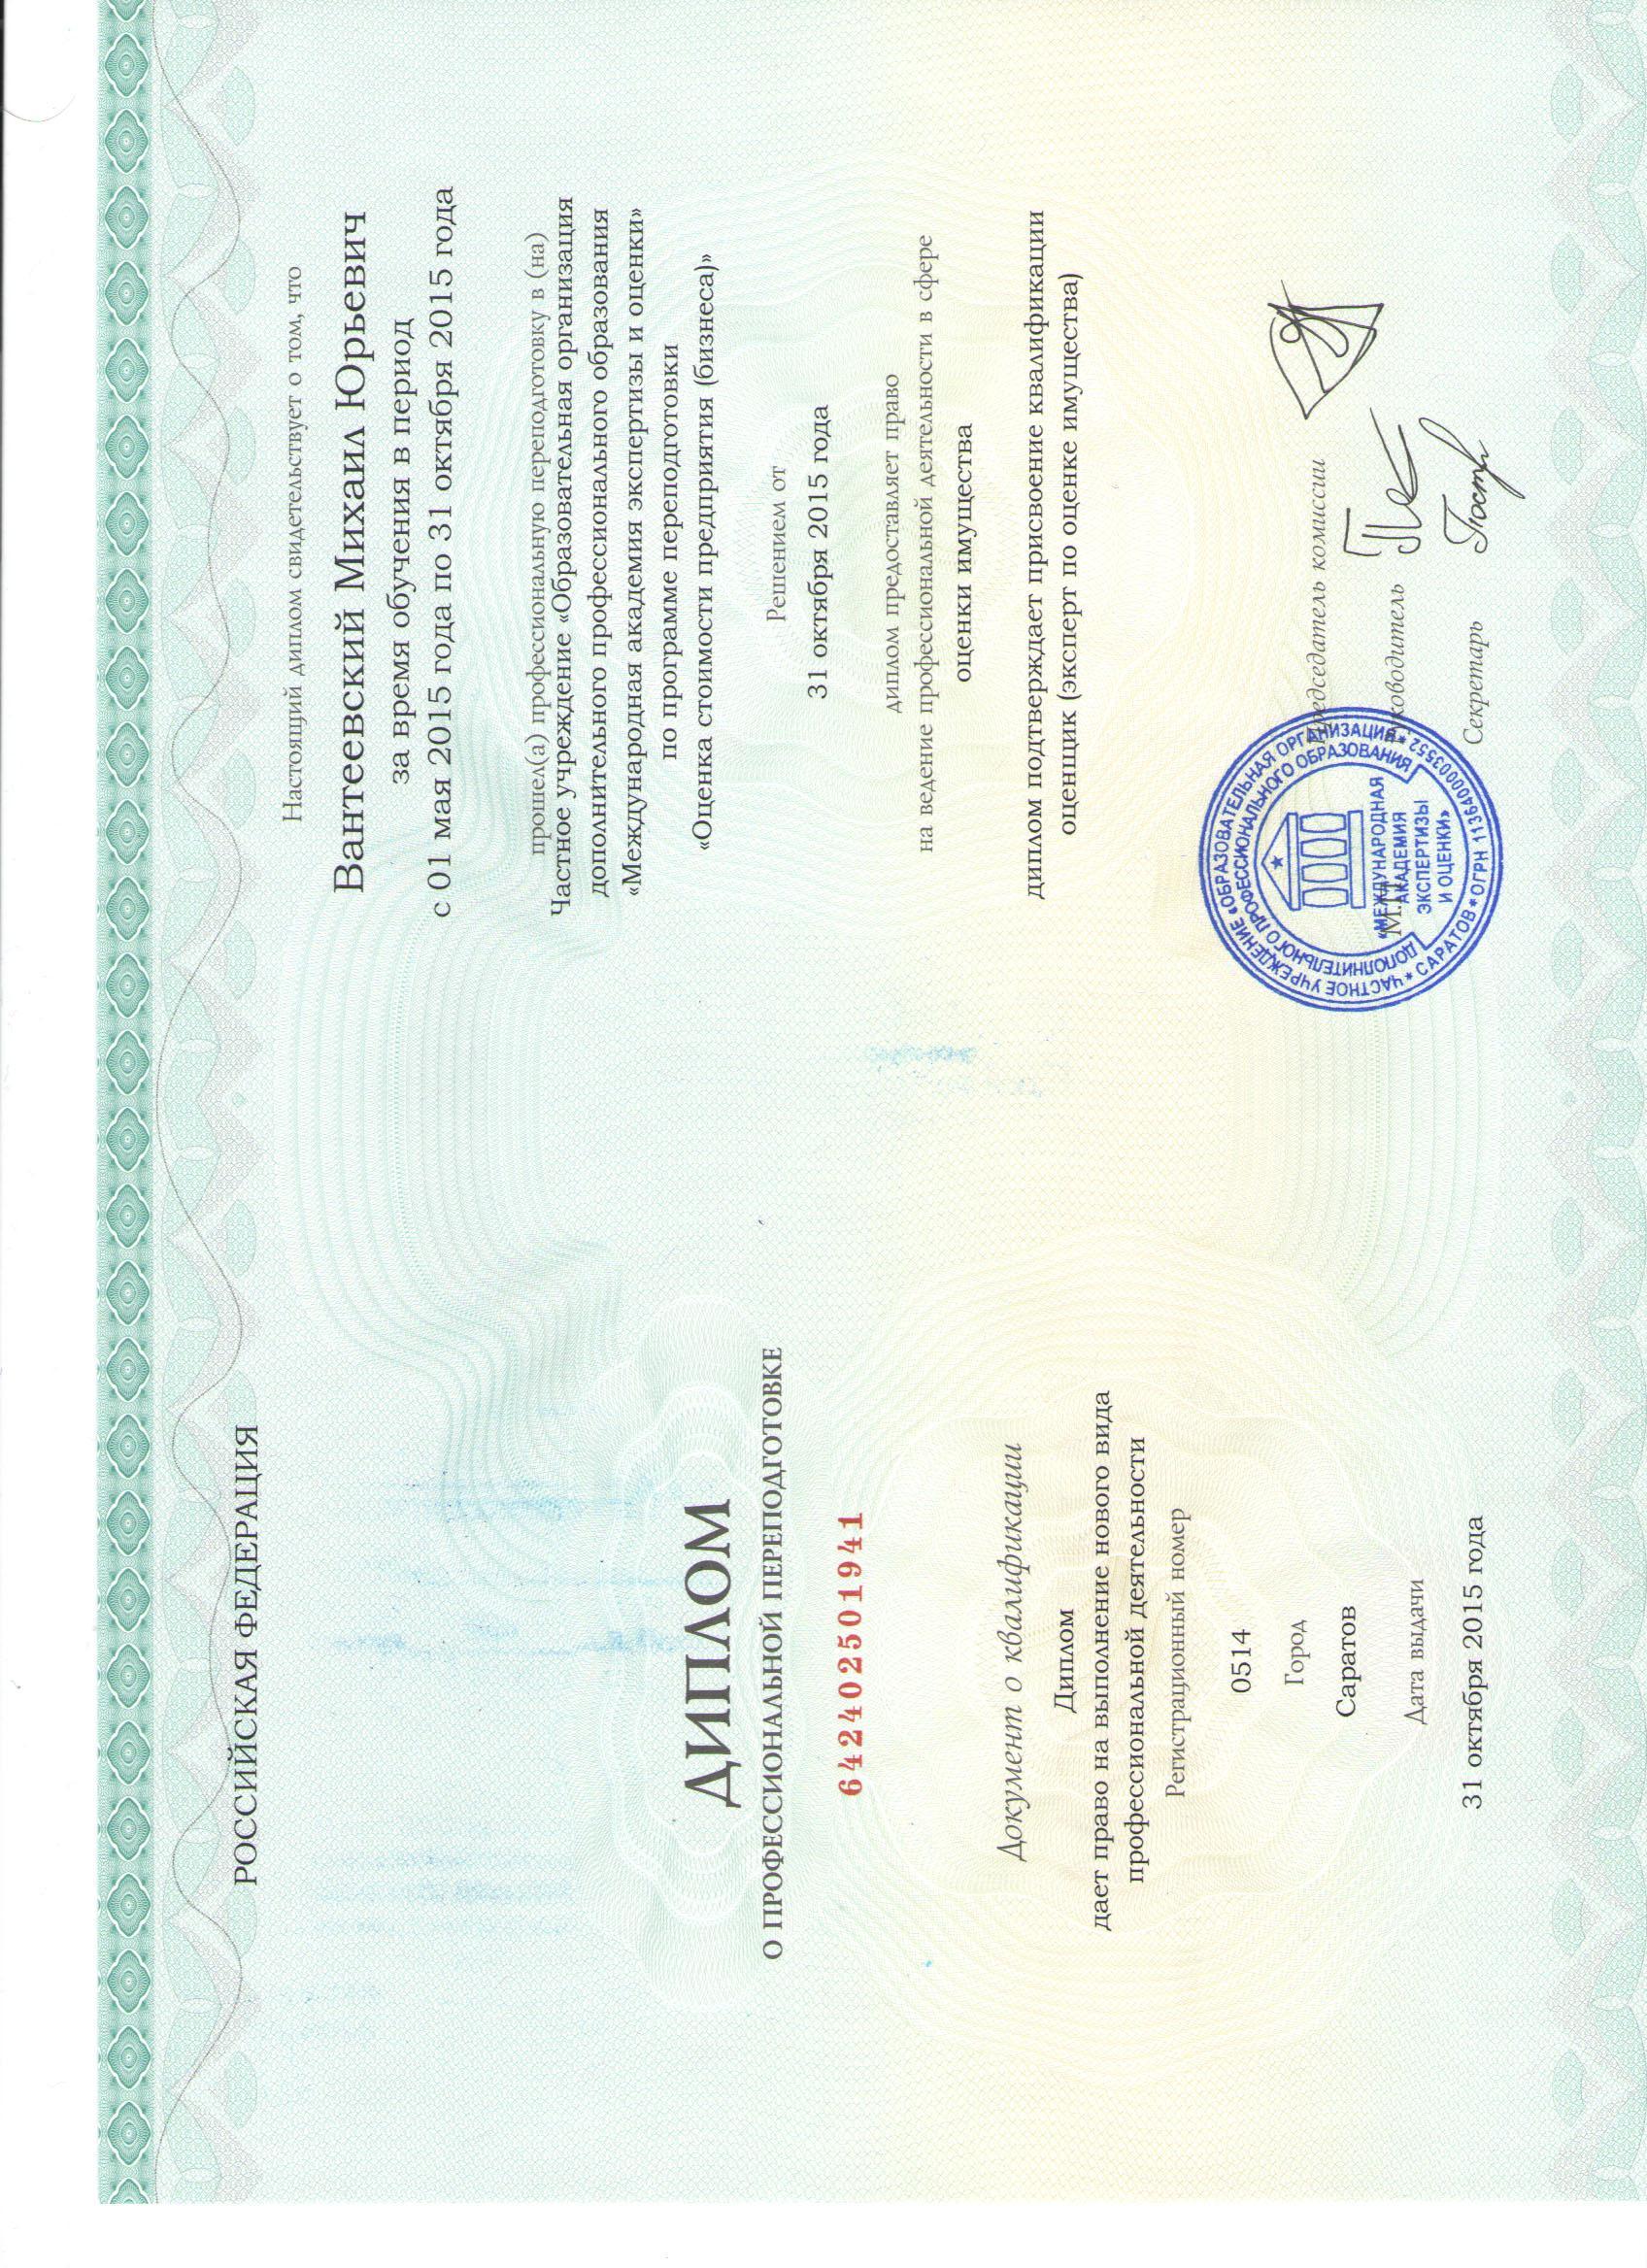 Оценка Бутово Оценка собственности в Бутово диплом оценщика jpg